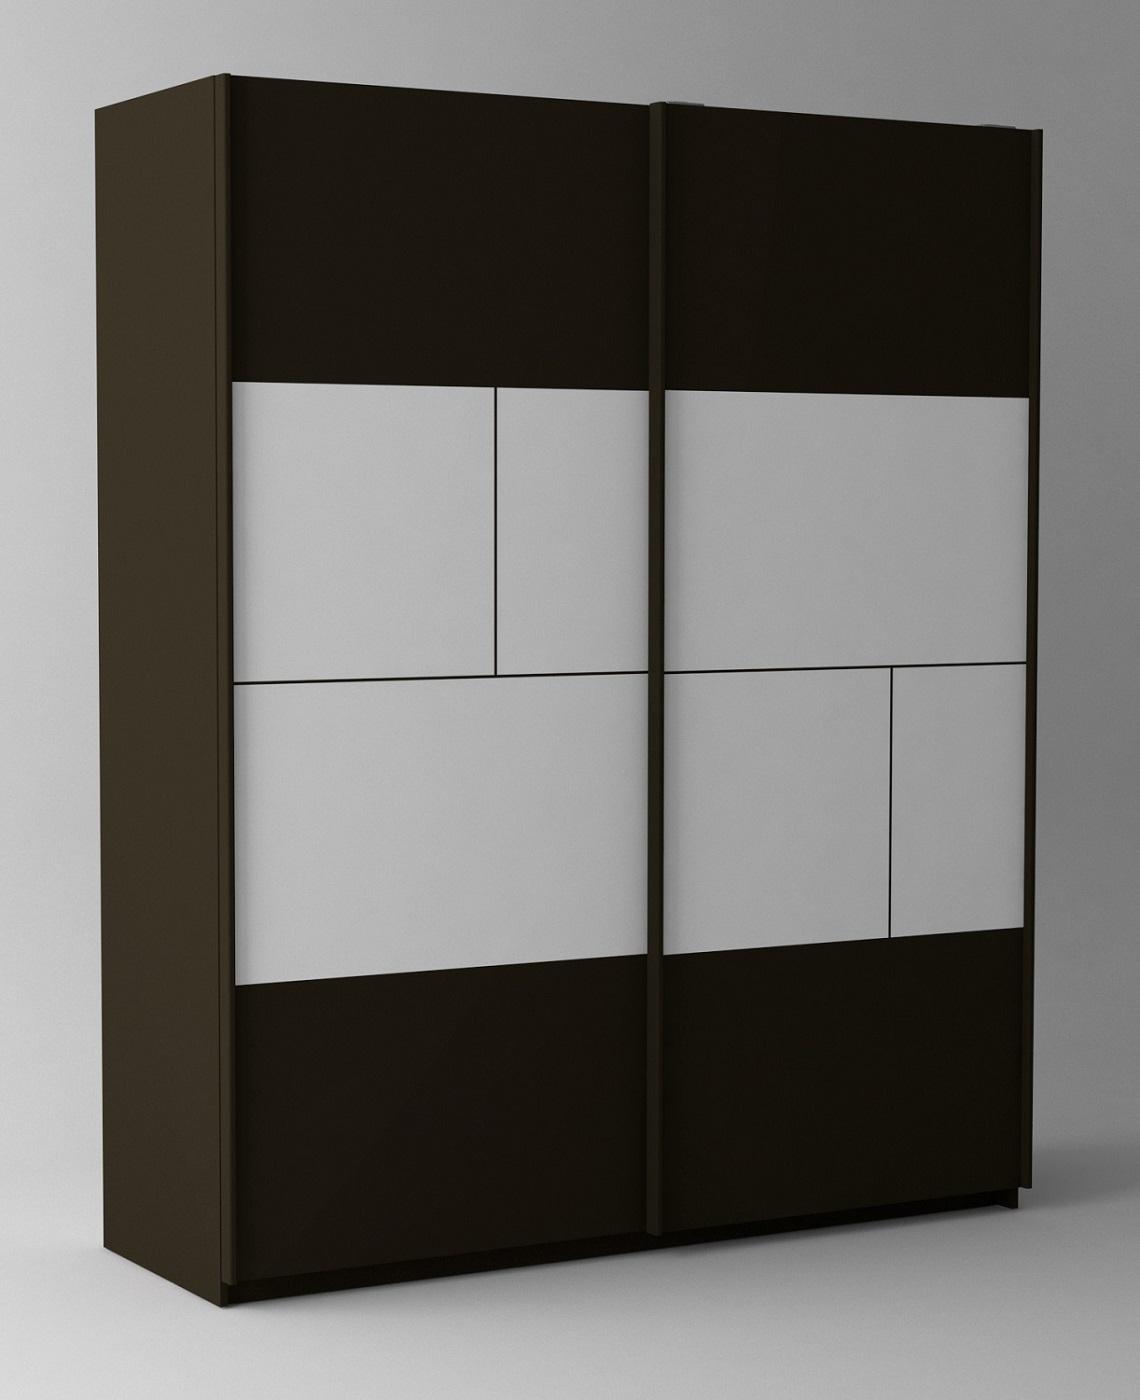 Kledingkast Prado 181 cm breed in hoogglans wit met hoogglans grijs   Ameubelment